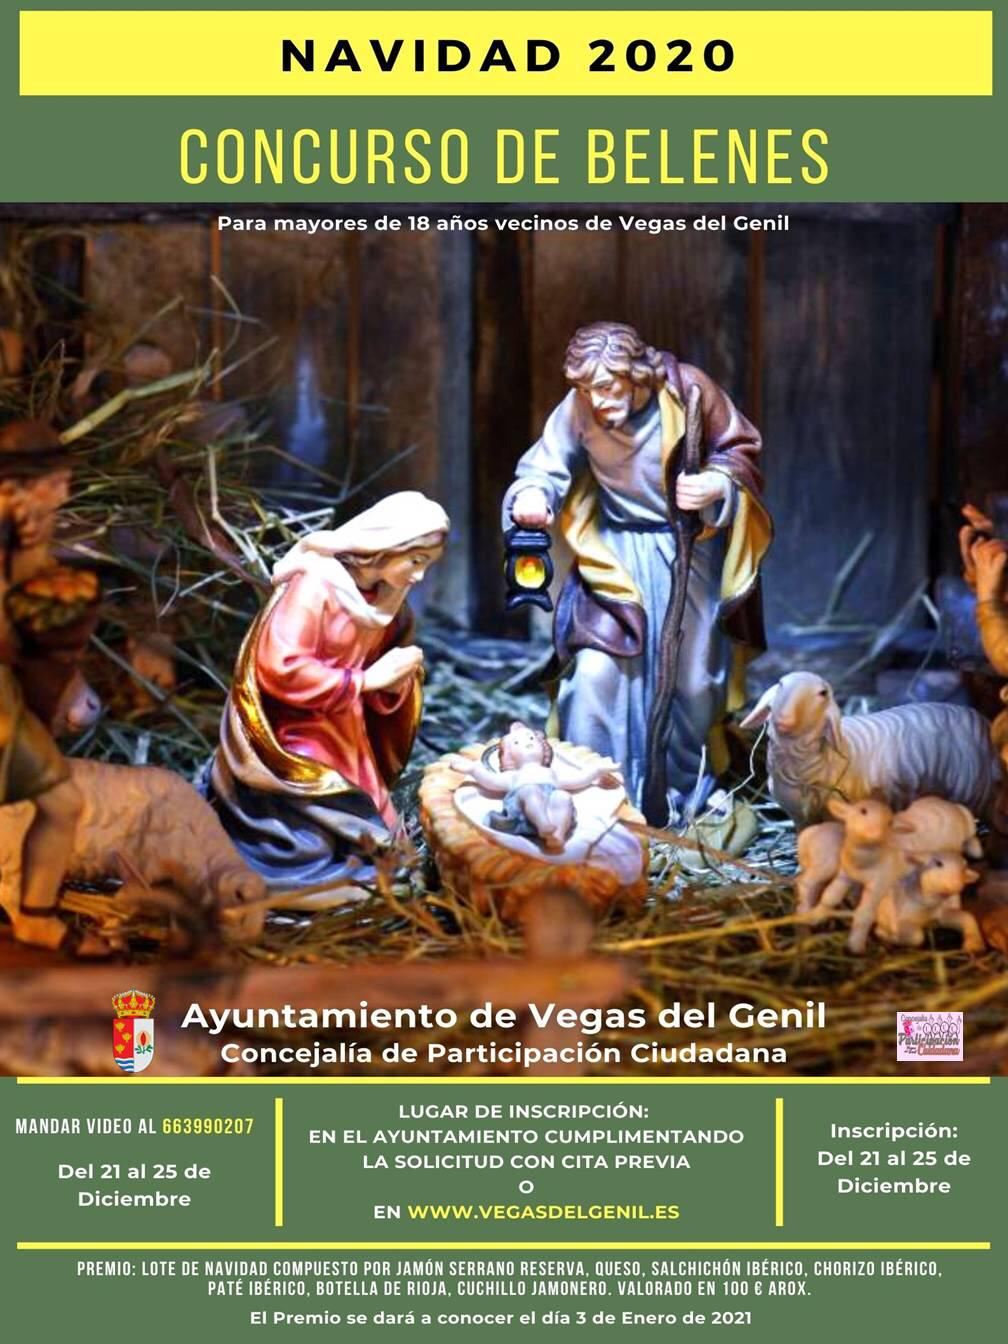 Concurso en Vegas de Genil de belenes y fachadas  con motivos navideños